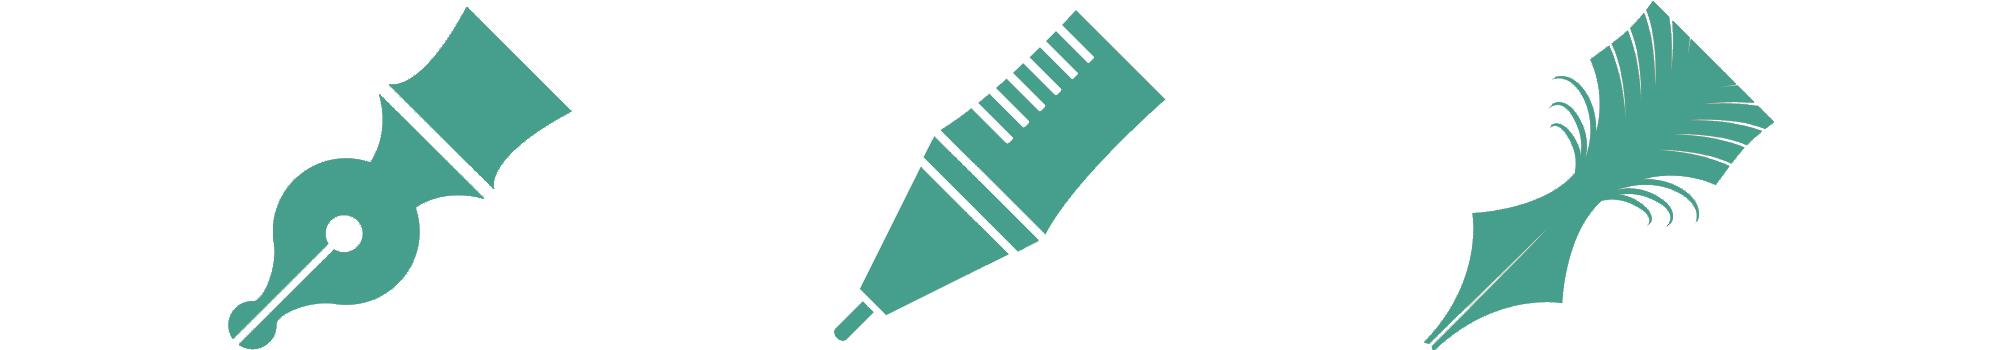 pen layout_shrink.png